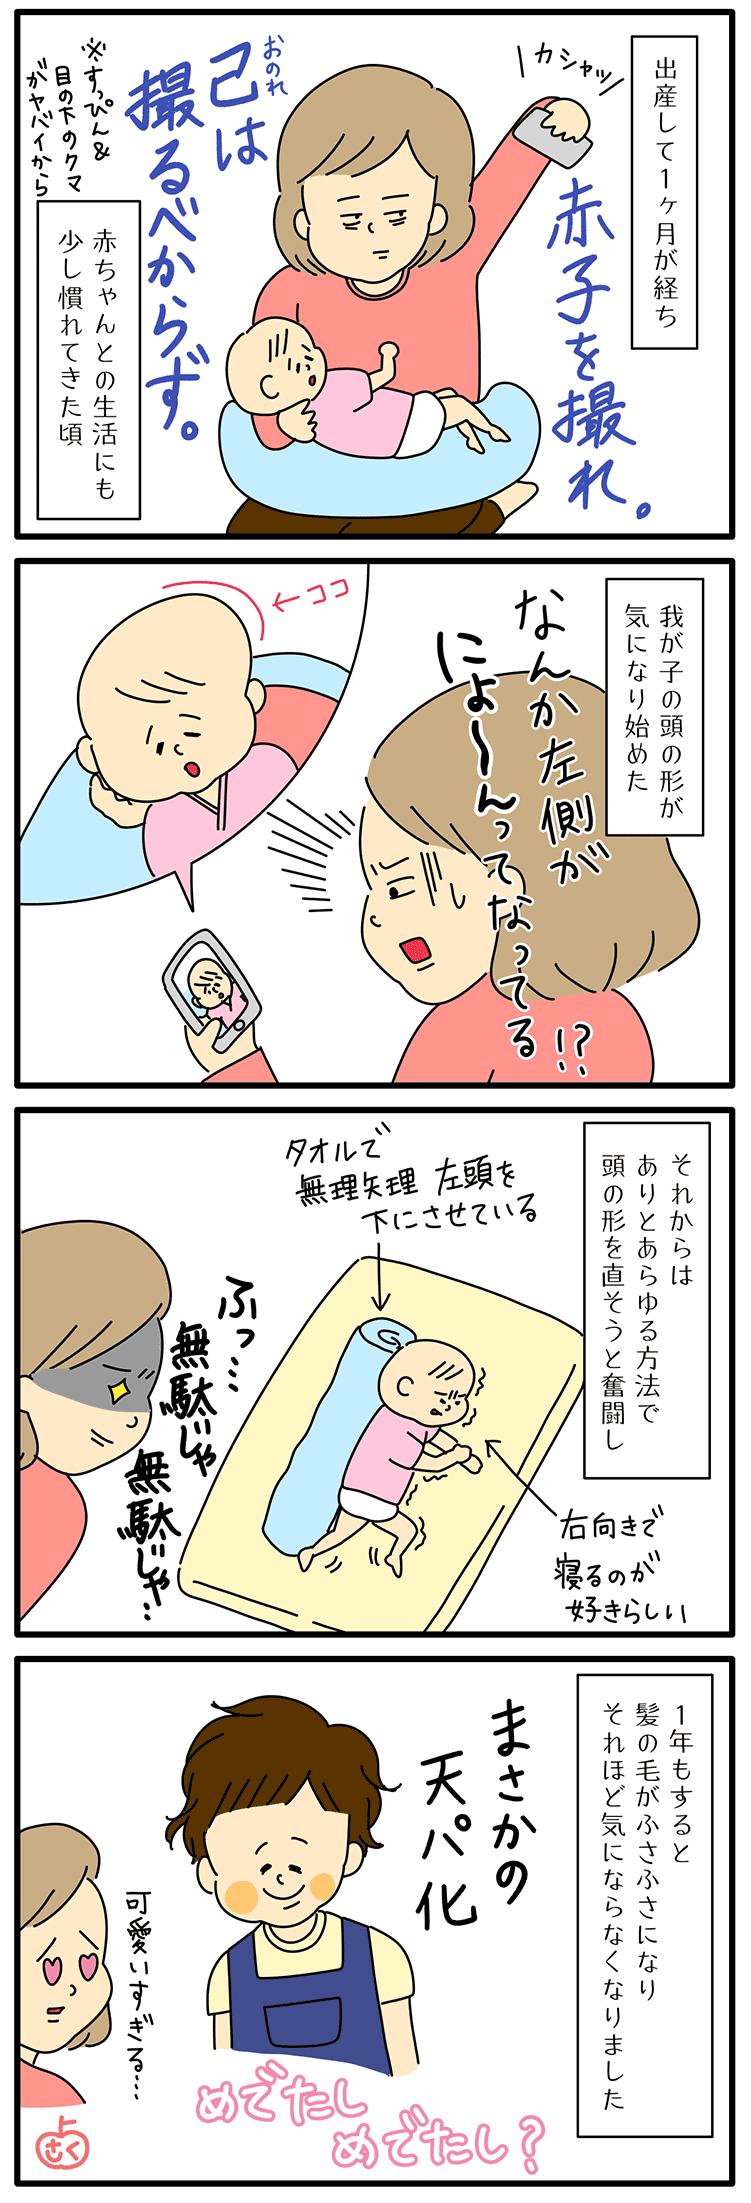 赤ちゃんの頭の形が悪くなる向き癖の永岡さくら(saku)さんの子育て4コマ漫画